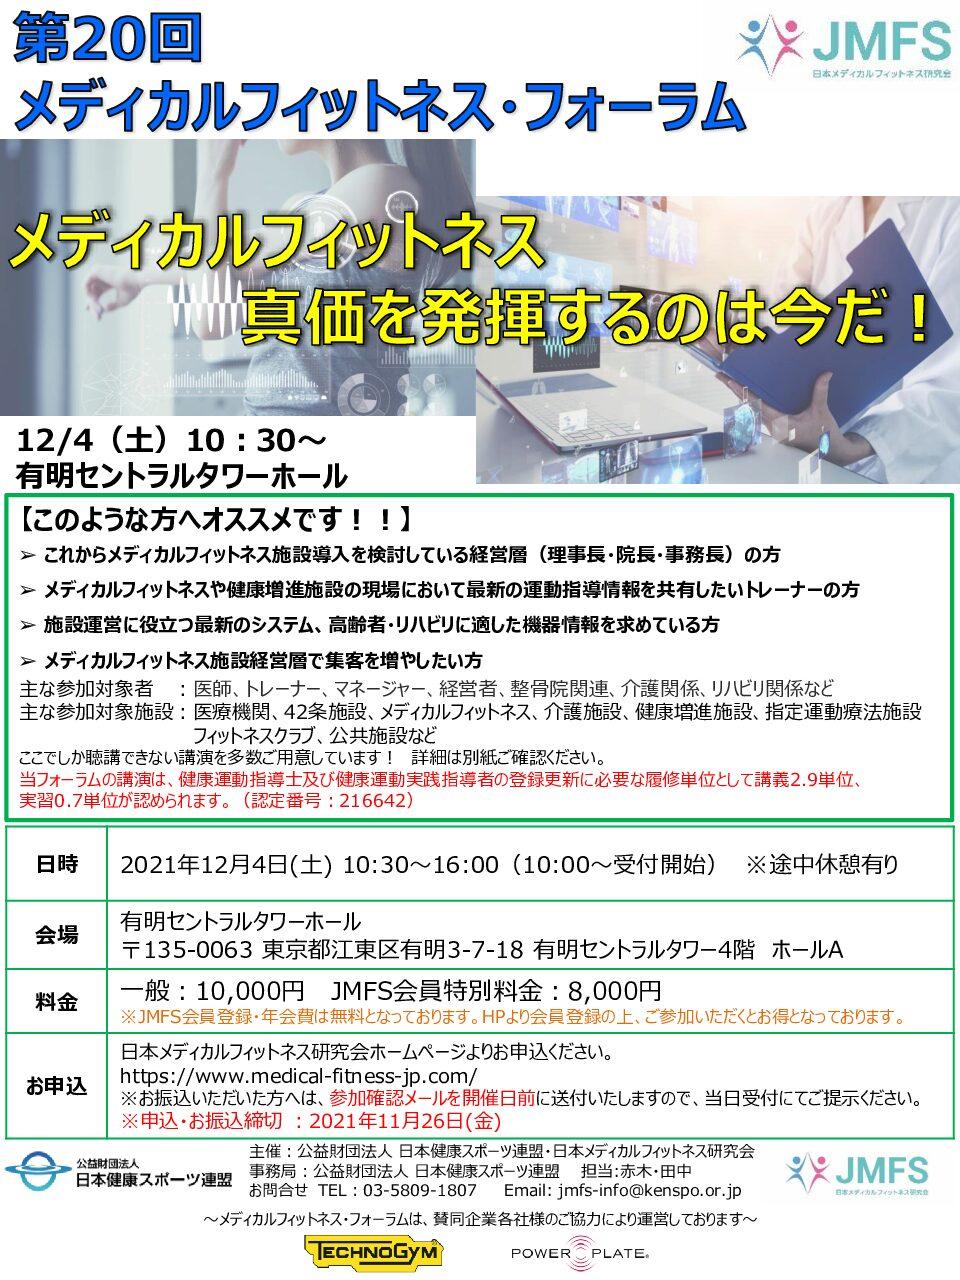 申込開始!12/4(土)開催 メディカルフィットネスフォーラム